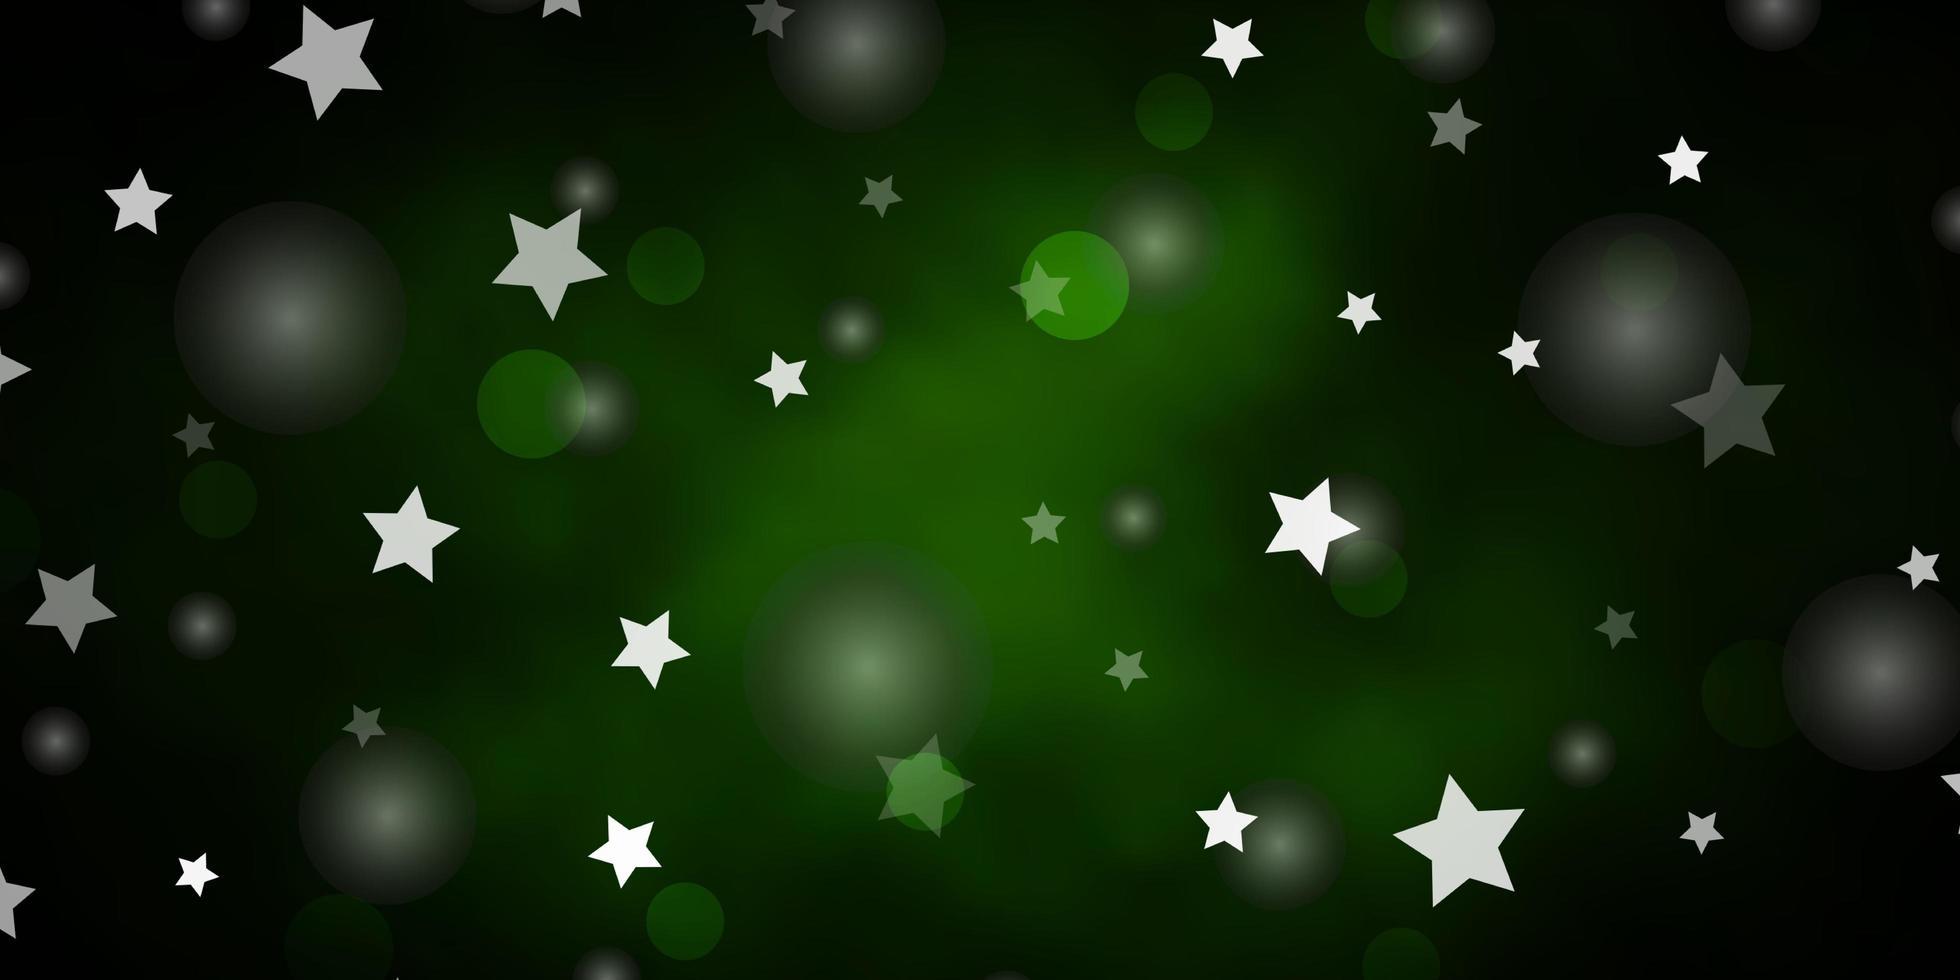 pano de fundo verde escuro com círculos, estrelas. vetor